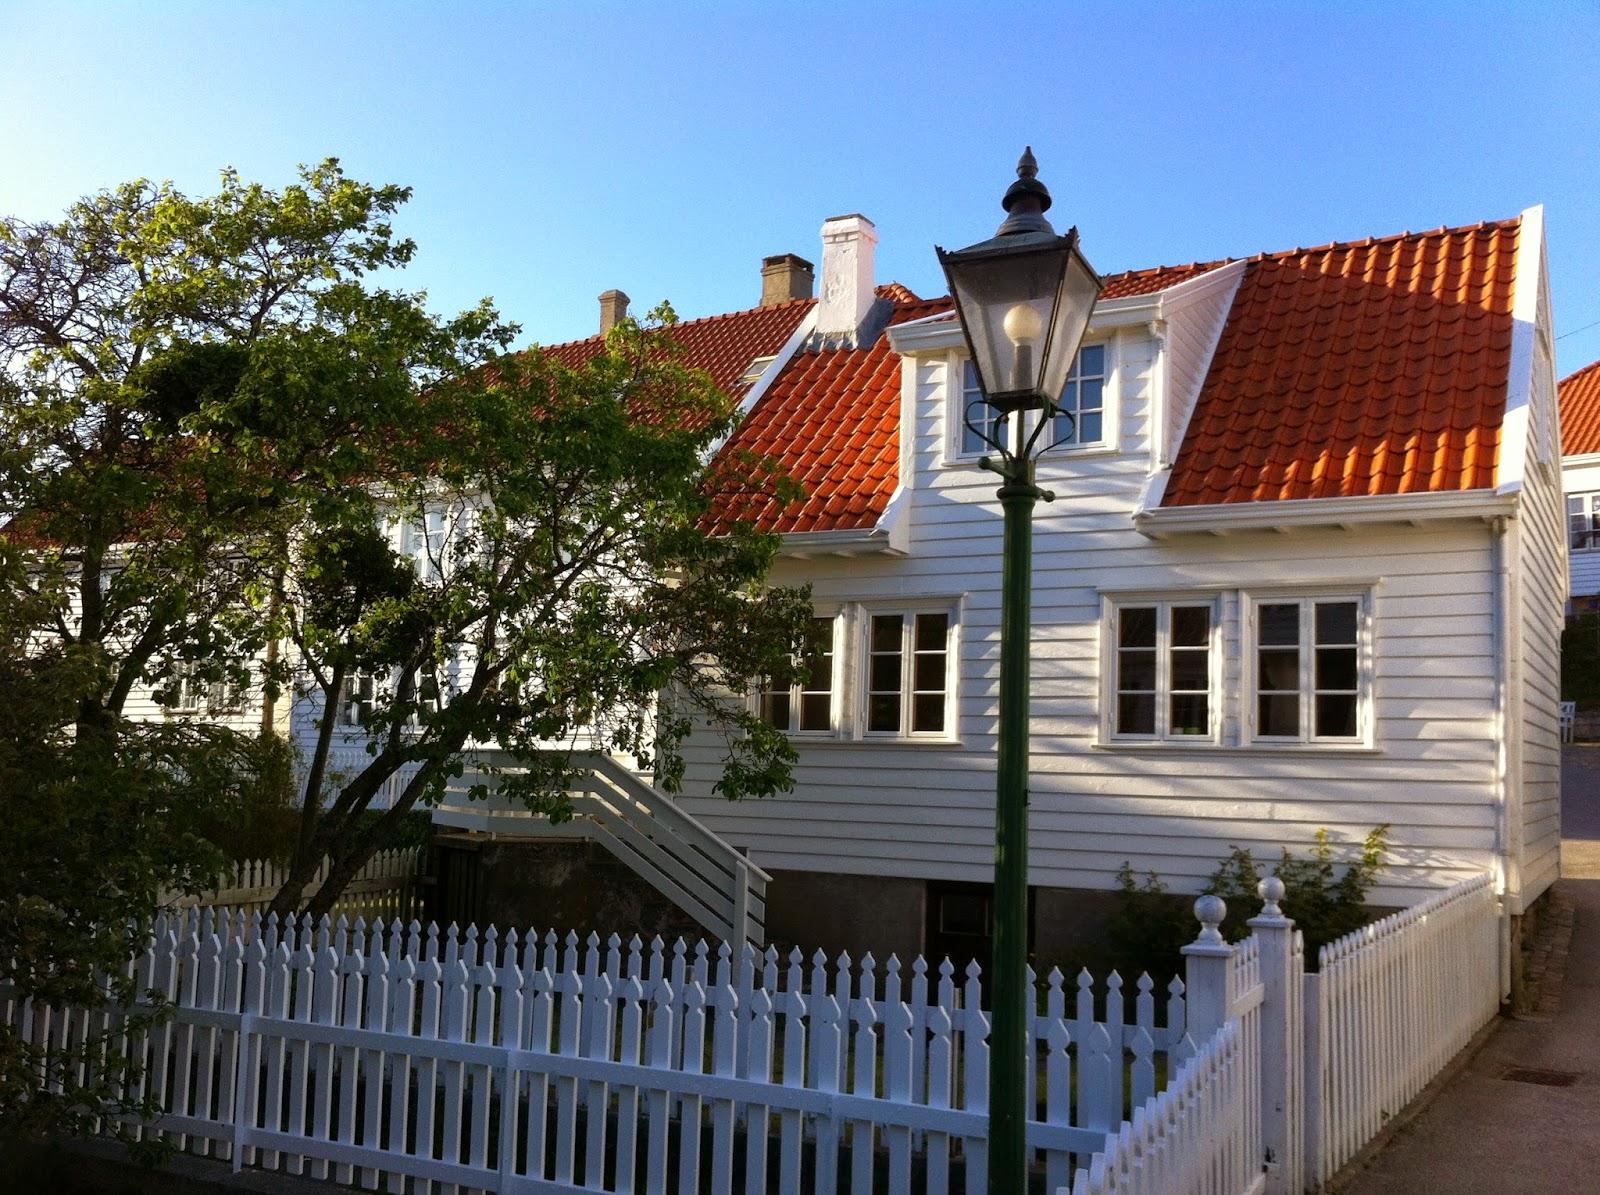 Opprinnelig Det gode liv i Skudeneshavn: Lev landlig - i vakre Skudeneshavn RH-73